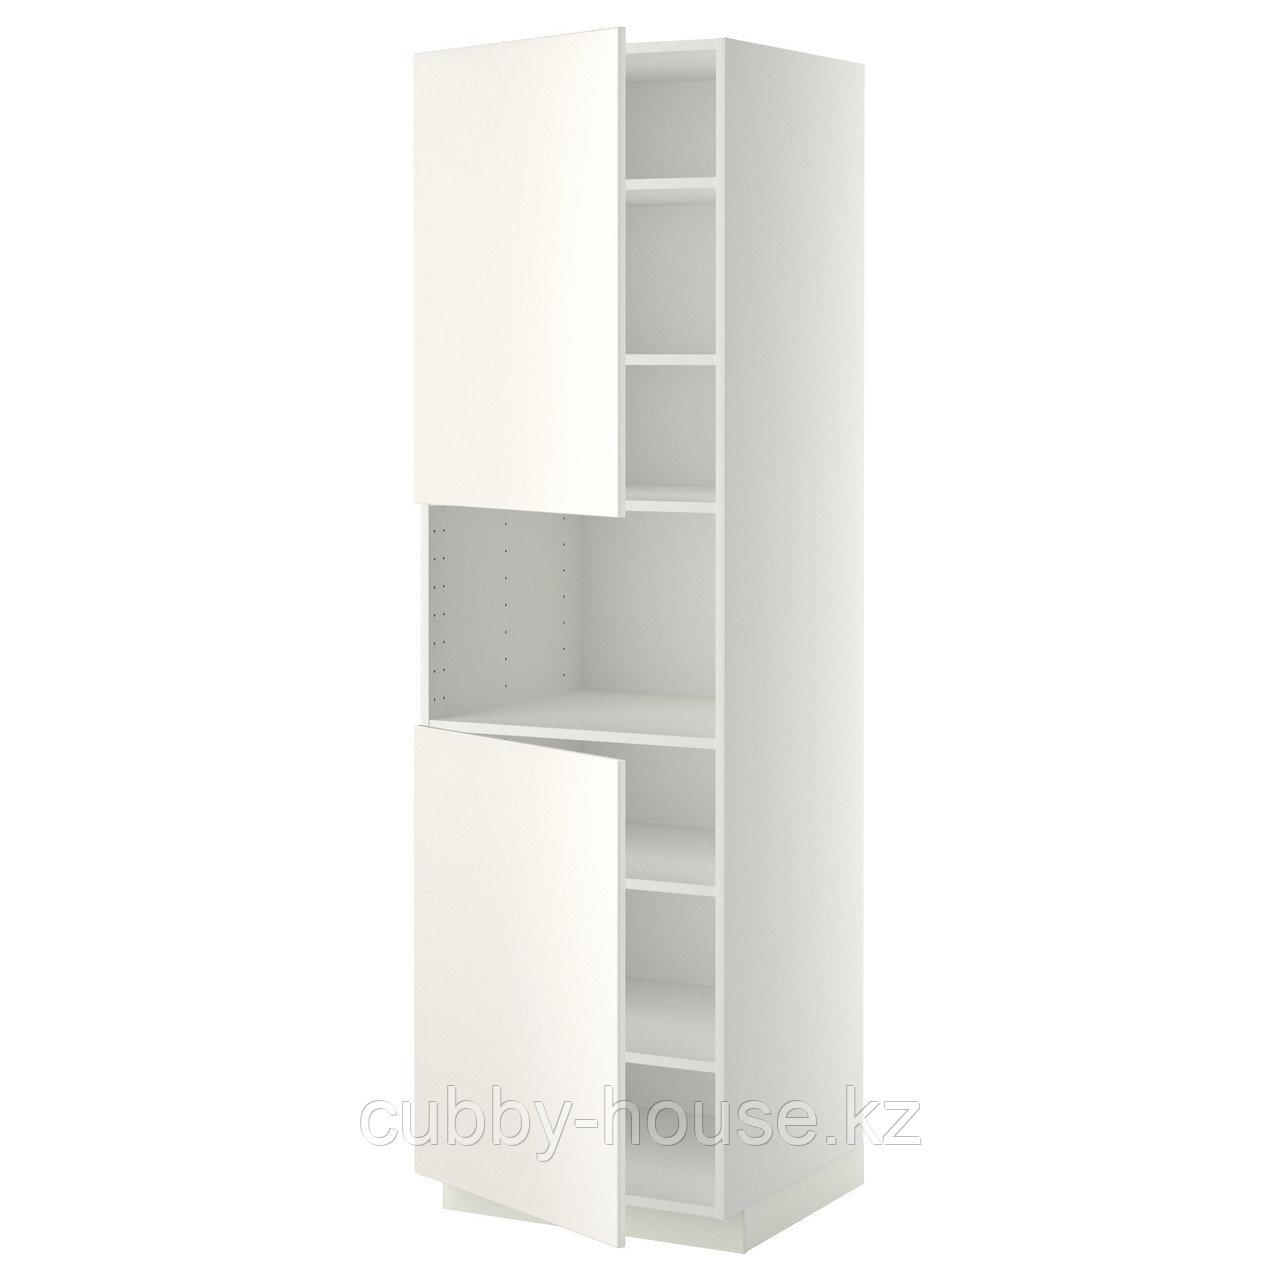 МЕТОД Выс шкаф д/СВЧ/2 дверцы/полки, белый, Хэггеби белый, 60x60x200 см